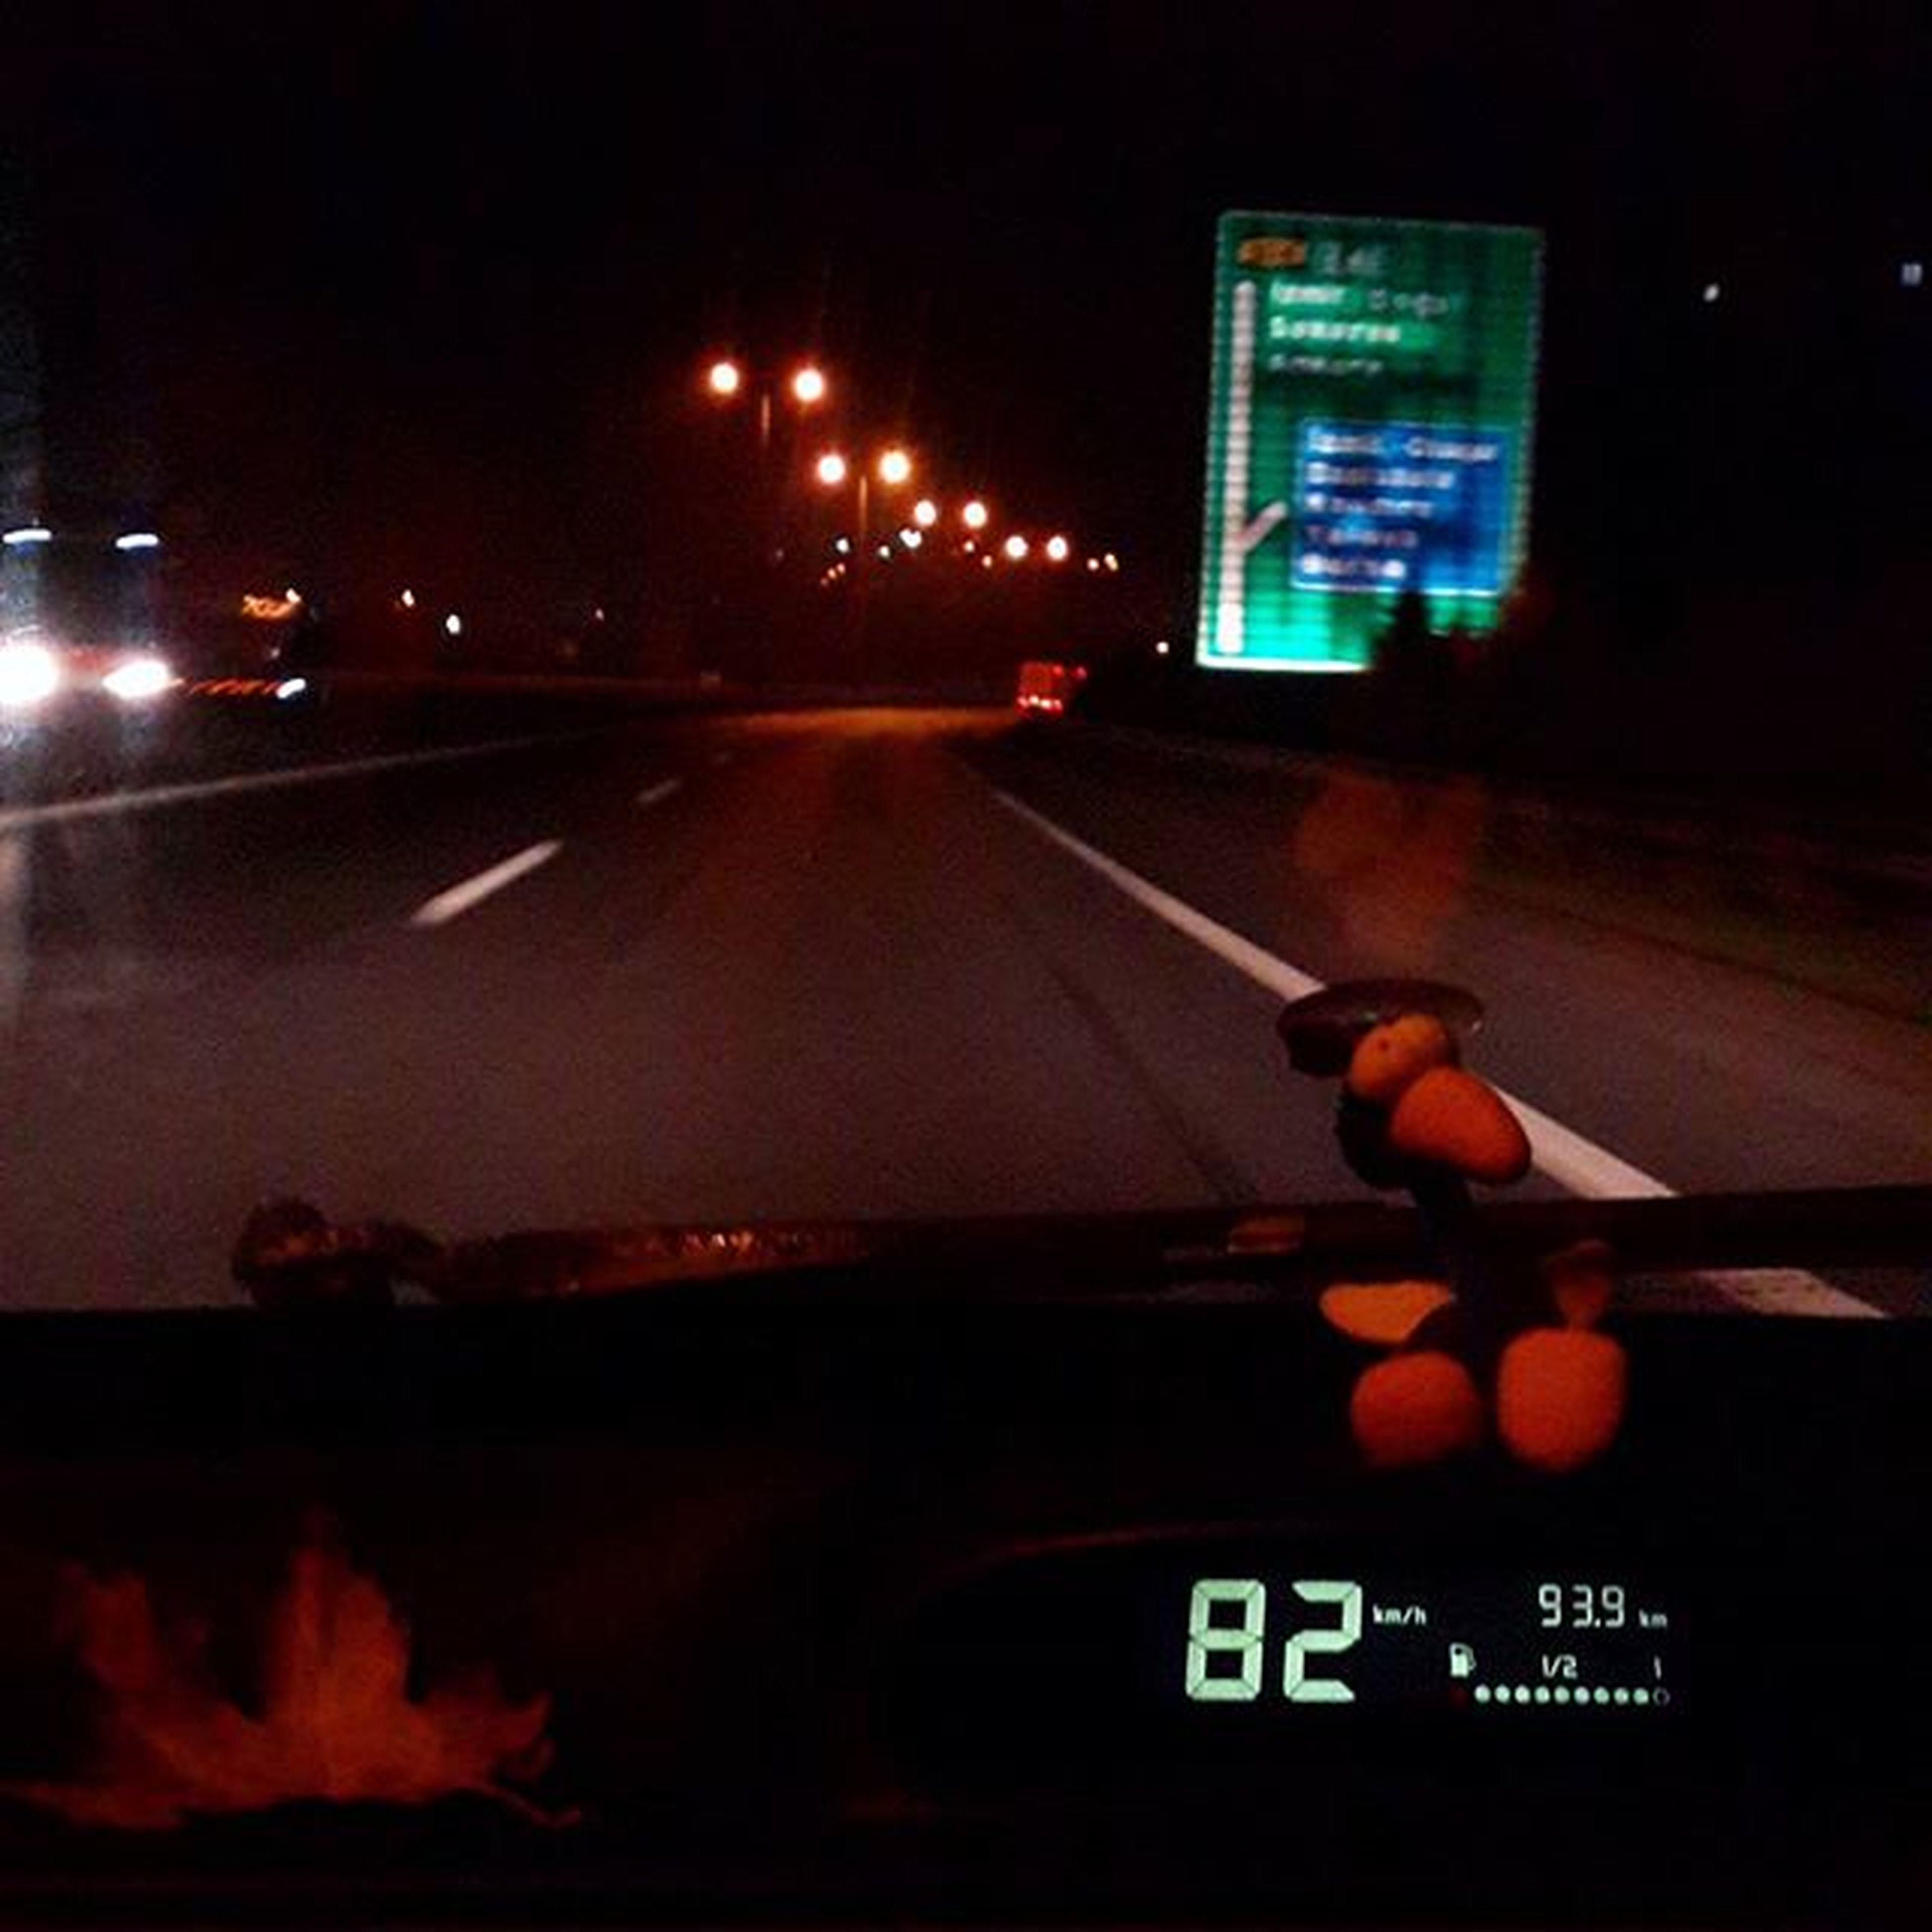 Istanbul Temotoyolu Bursayolunda Geceyolculuğu Düştümbenyollara Renaulttwingo